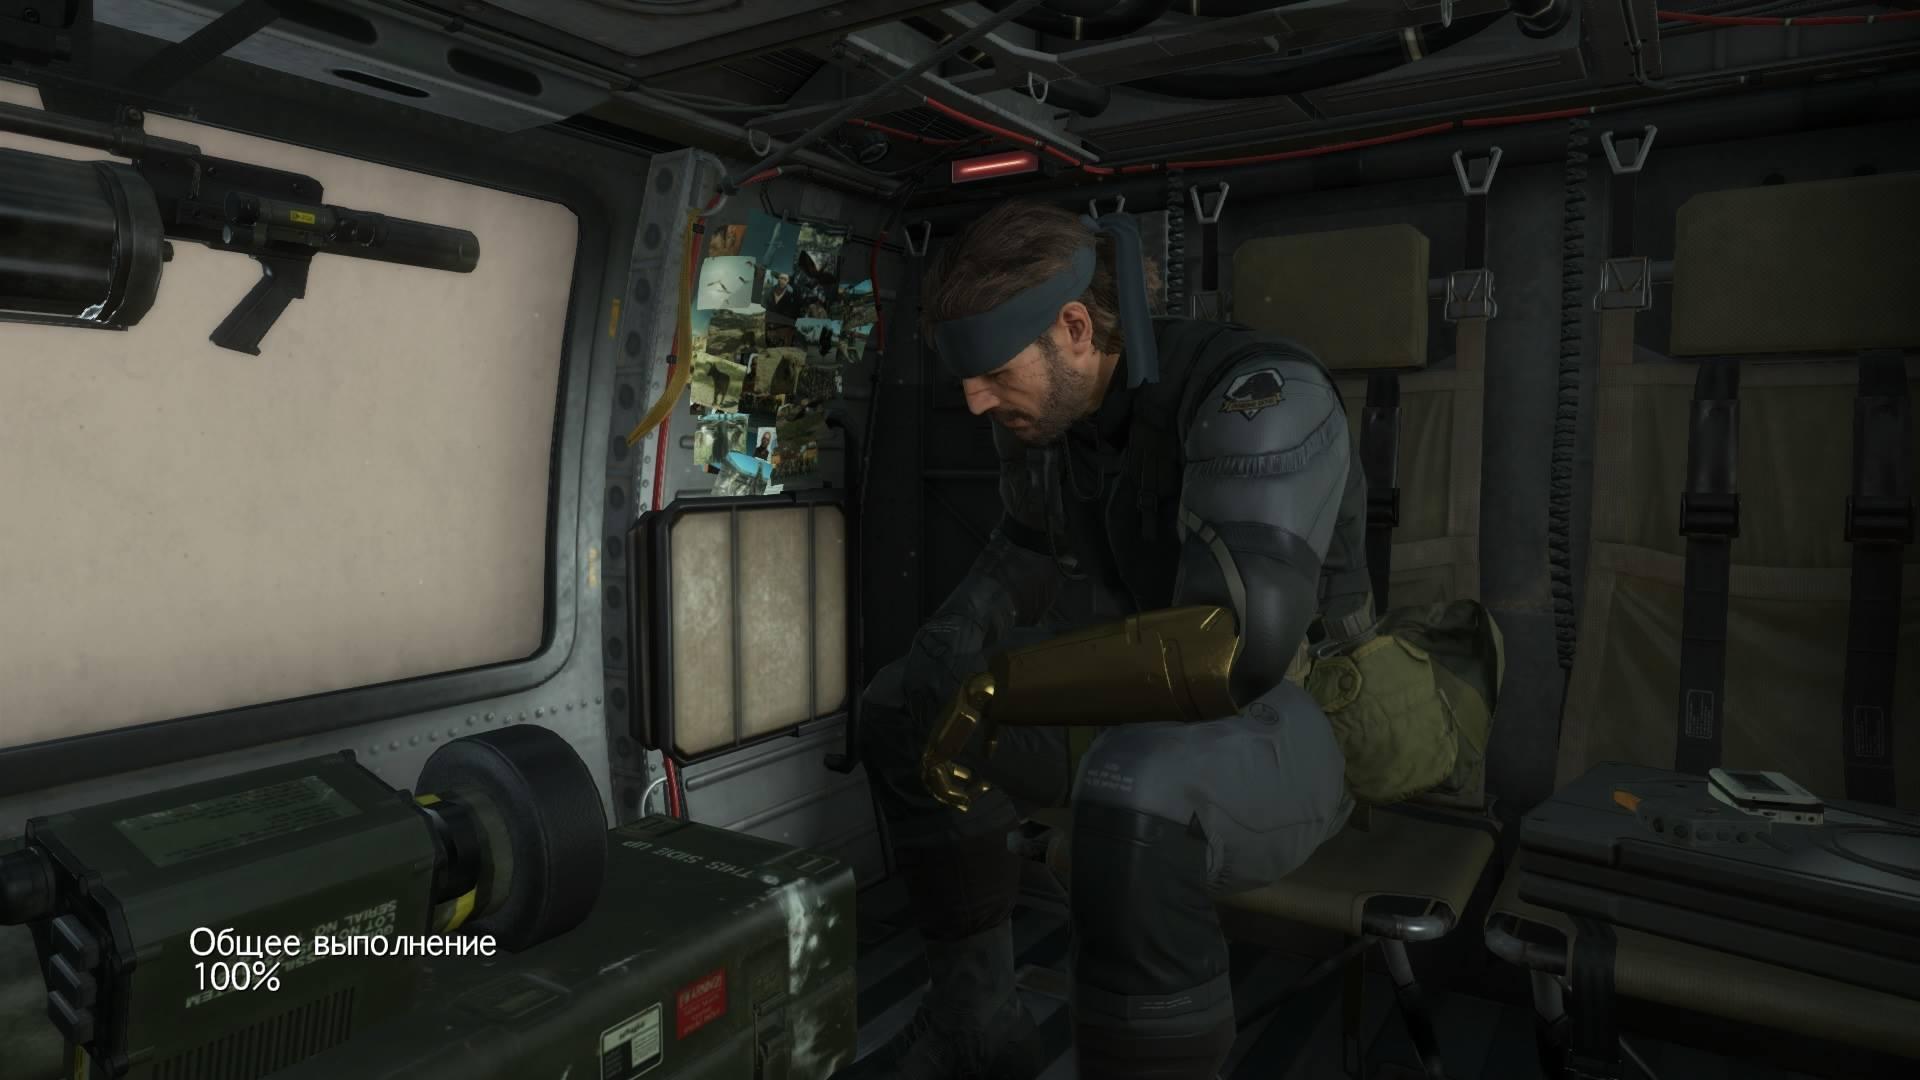 Прошел Metal Gear Solid V: Phantom Pain на 100% - Изображение 1